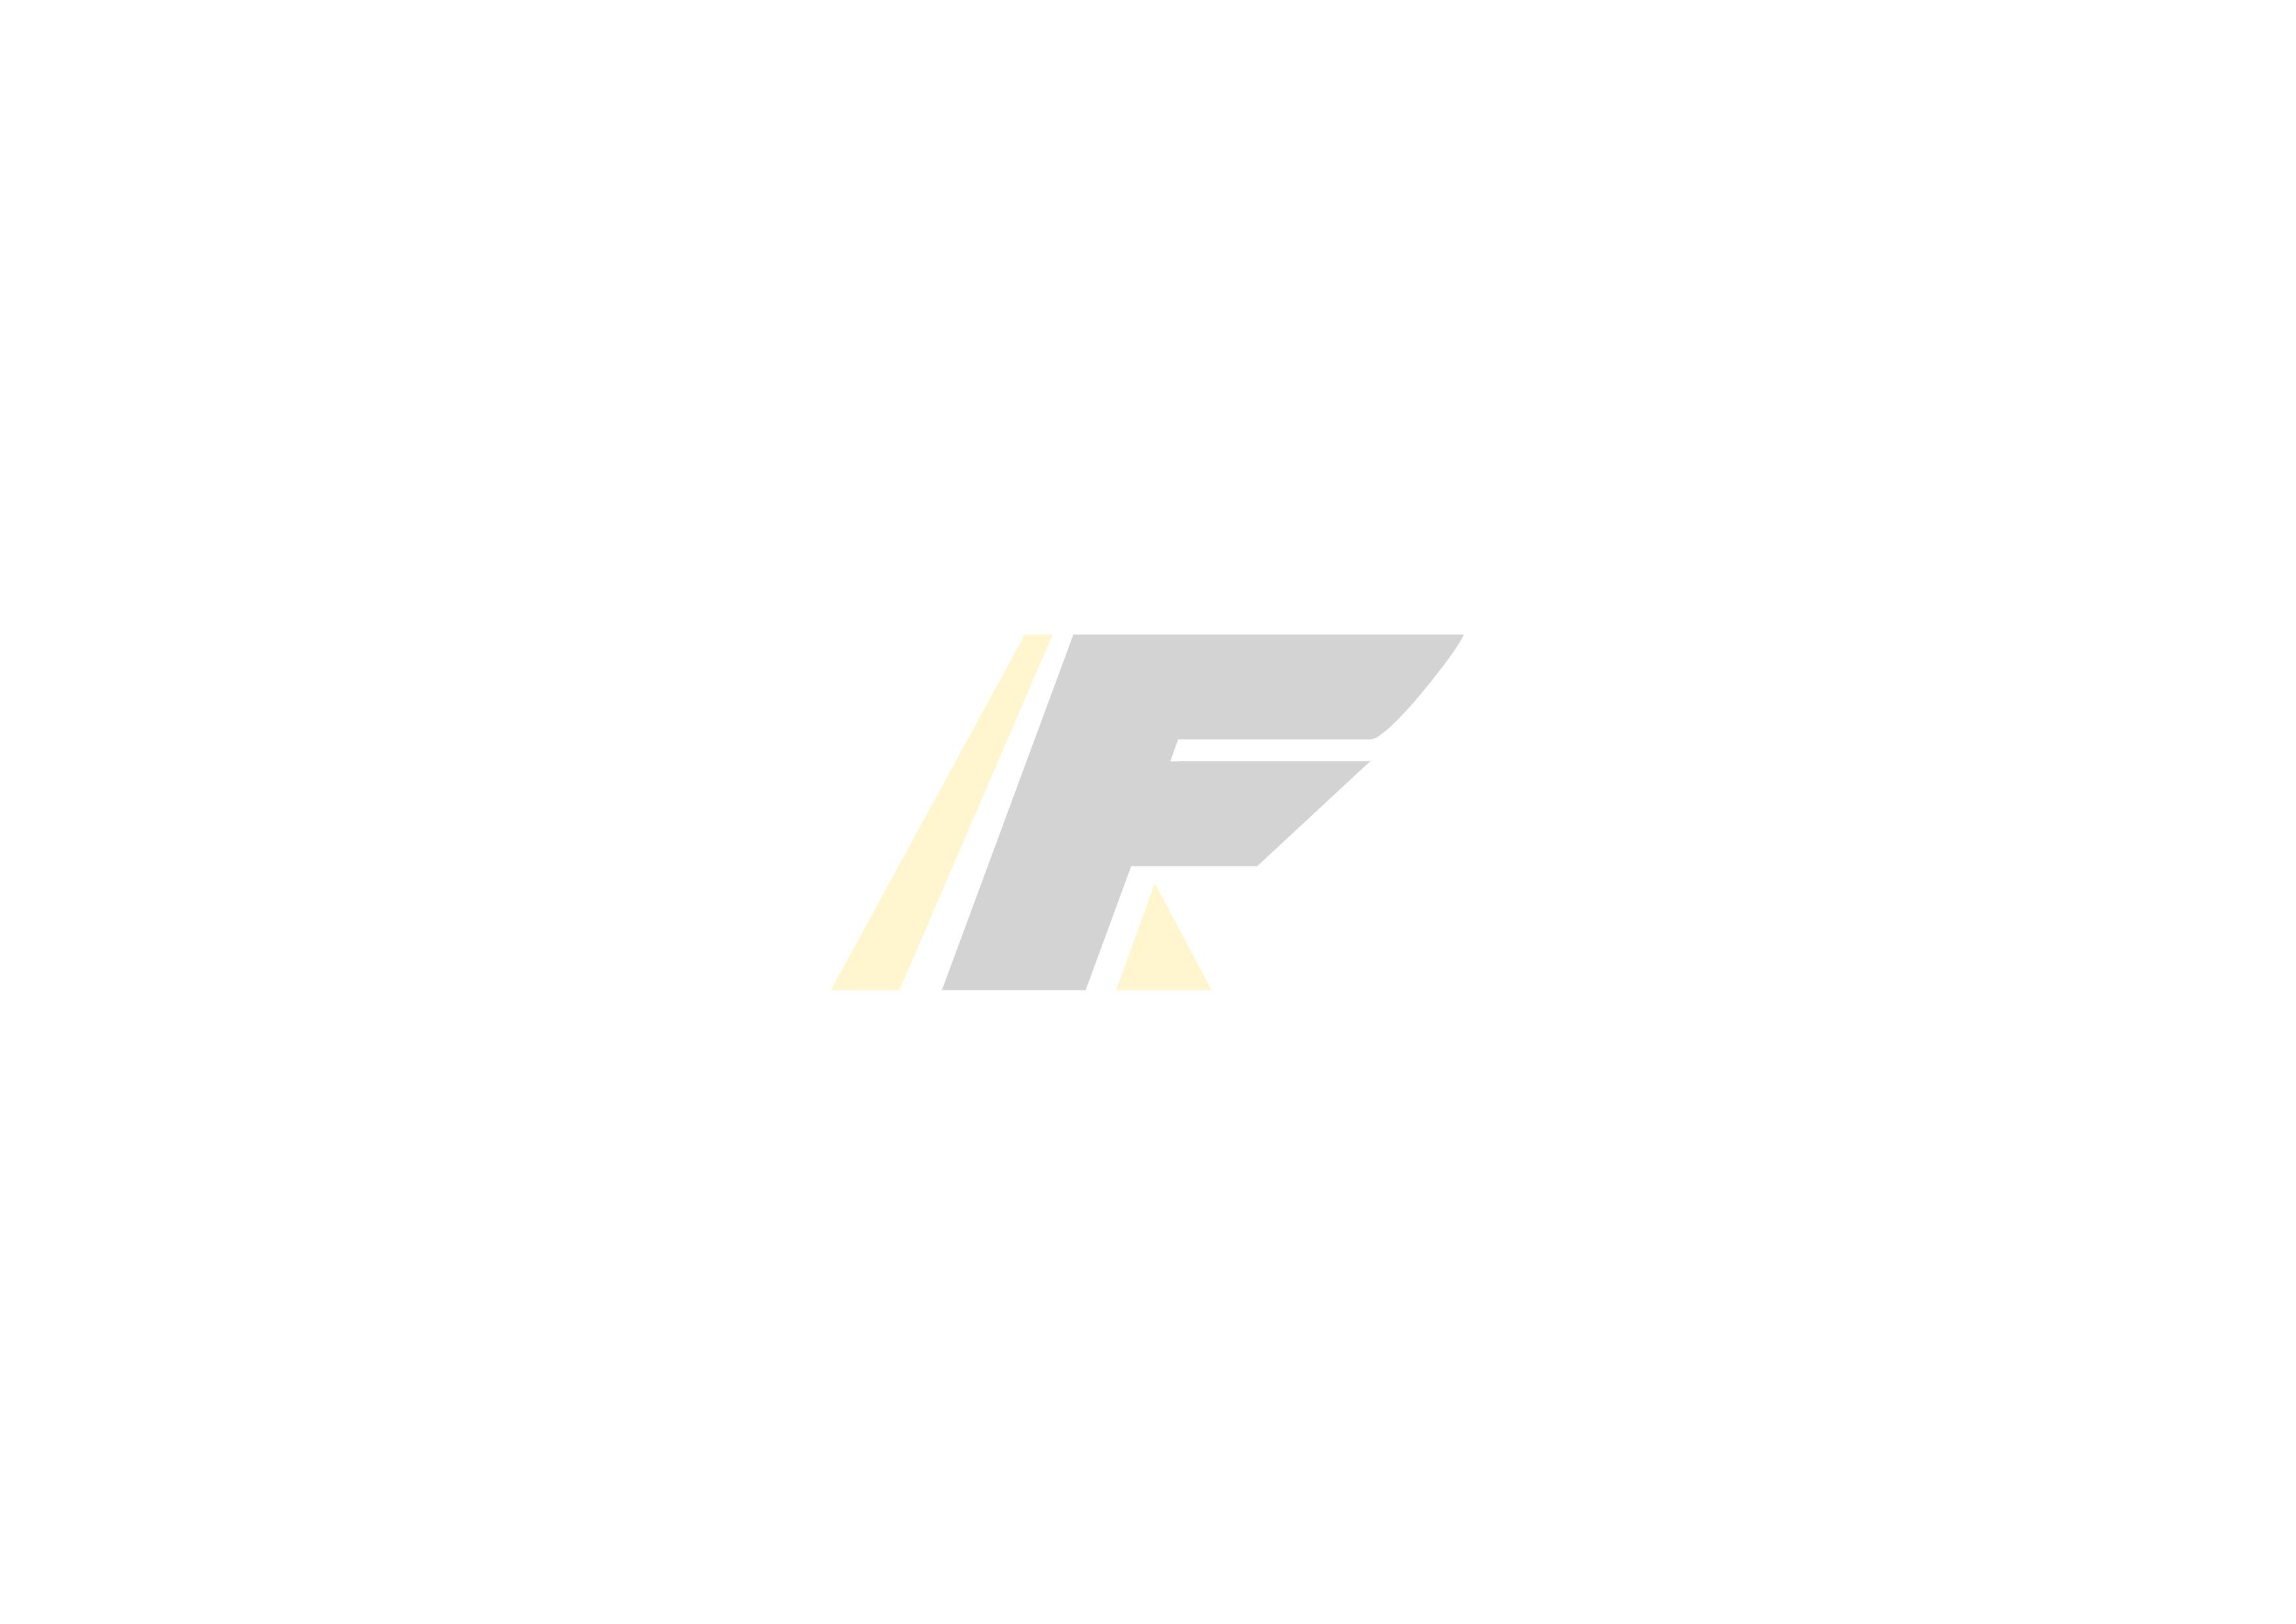 Falco Mixto 2 ADV